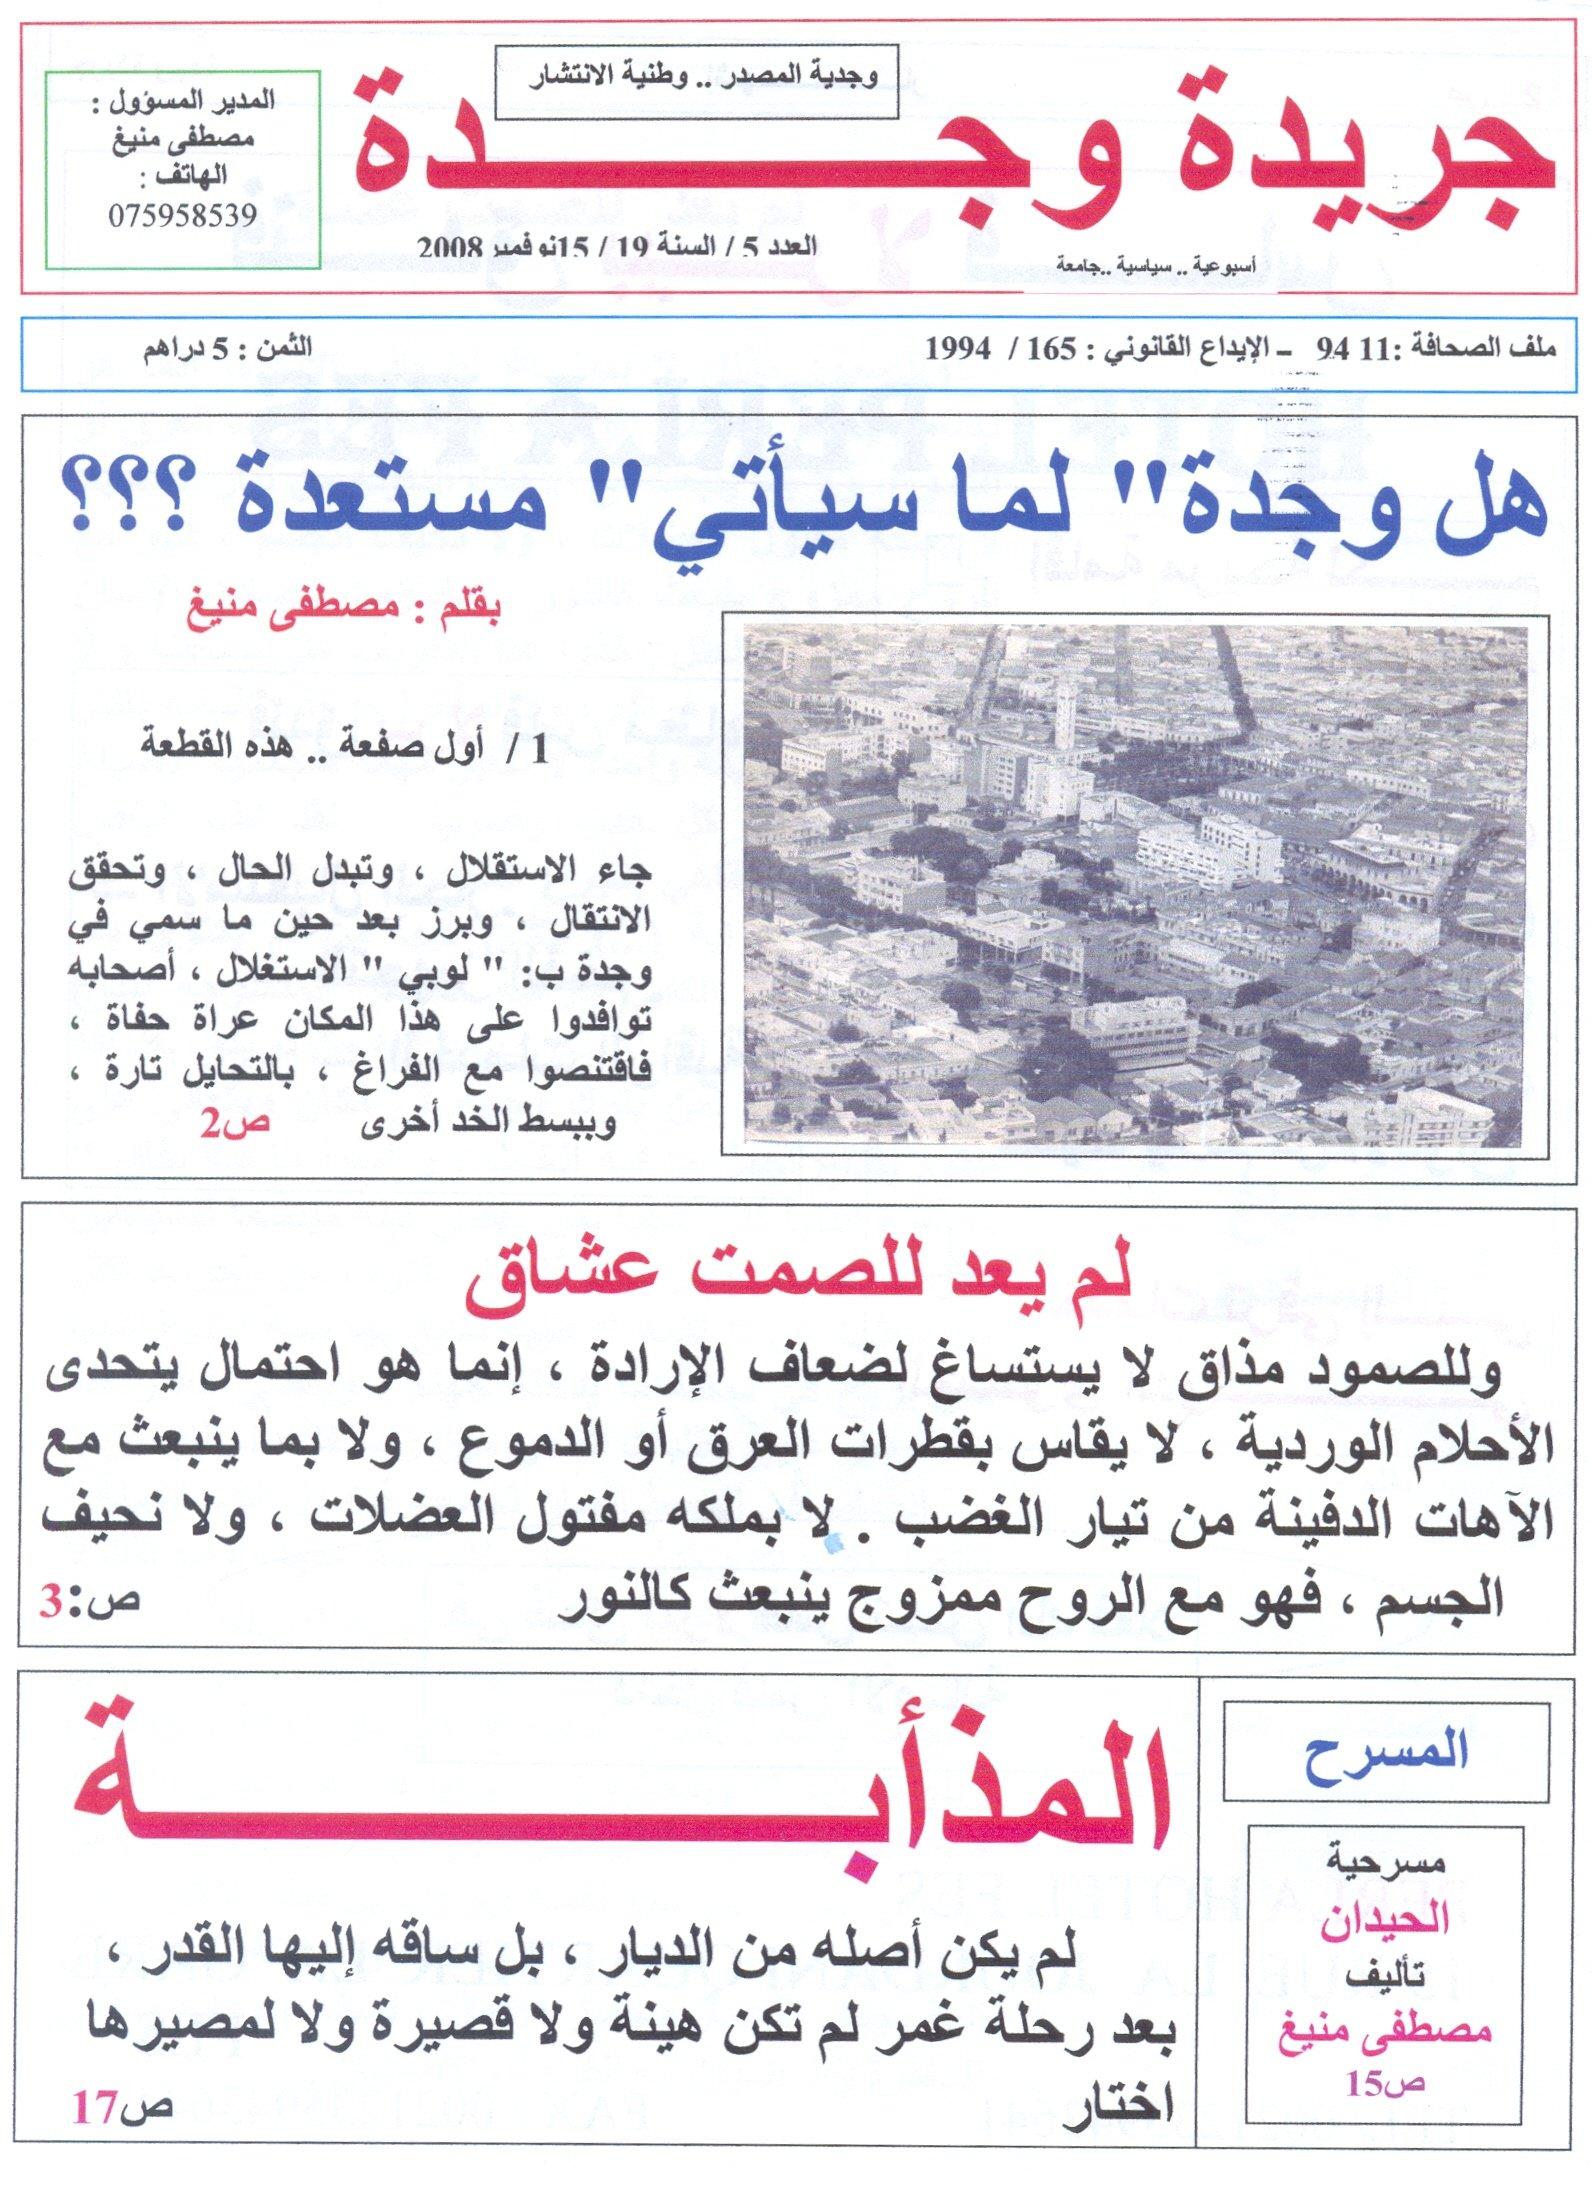 العدد الأخبر من جريدة وجدة